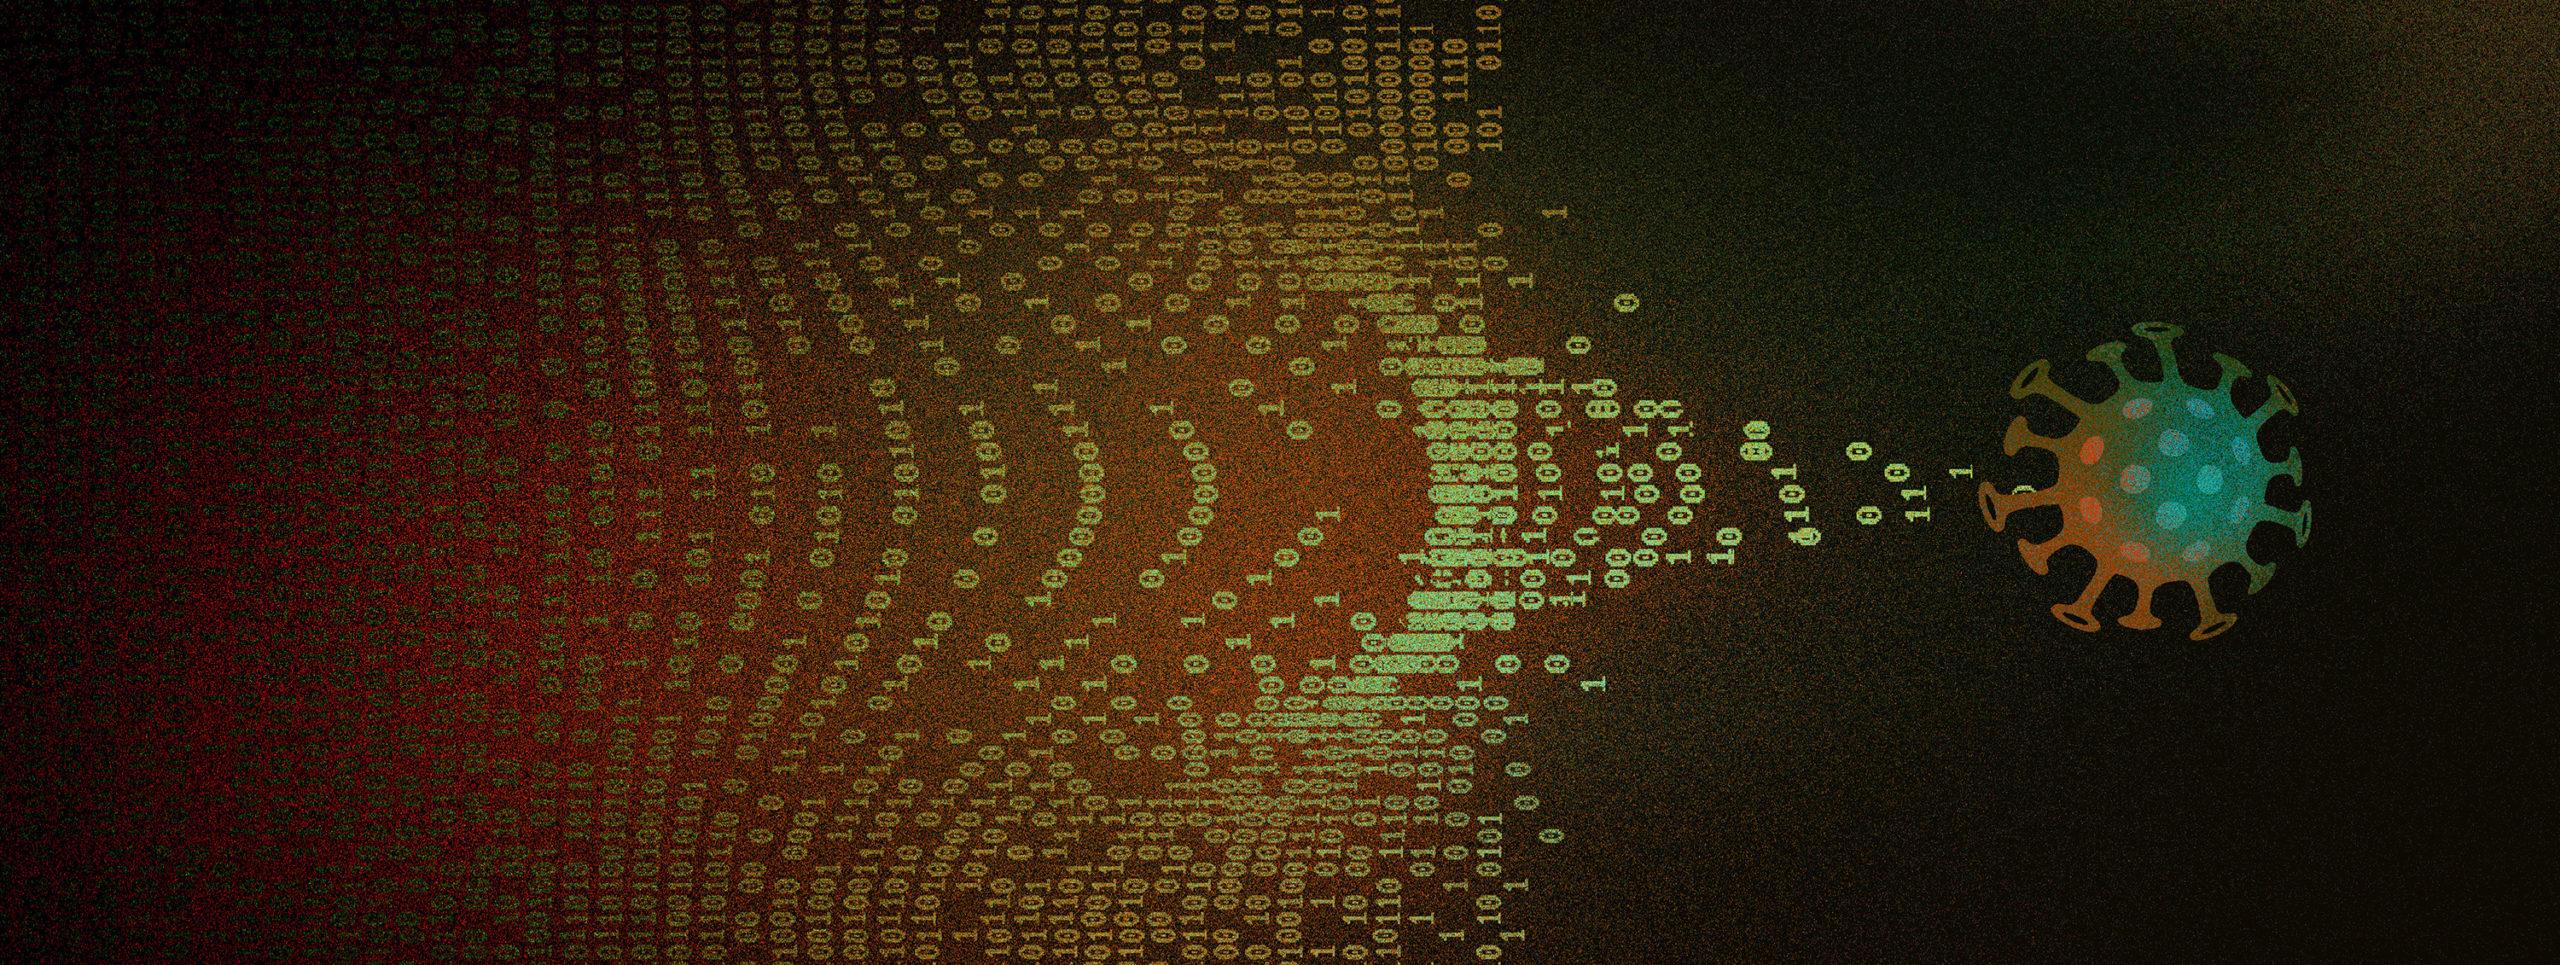 Ilustração mostra coronavírus sendo seguidos por zeros e uns. Crédito: Angelica Alzona/Gizmodo